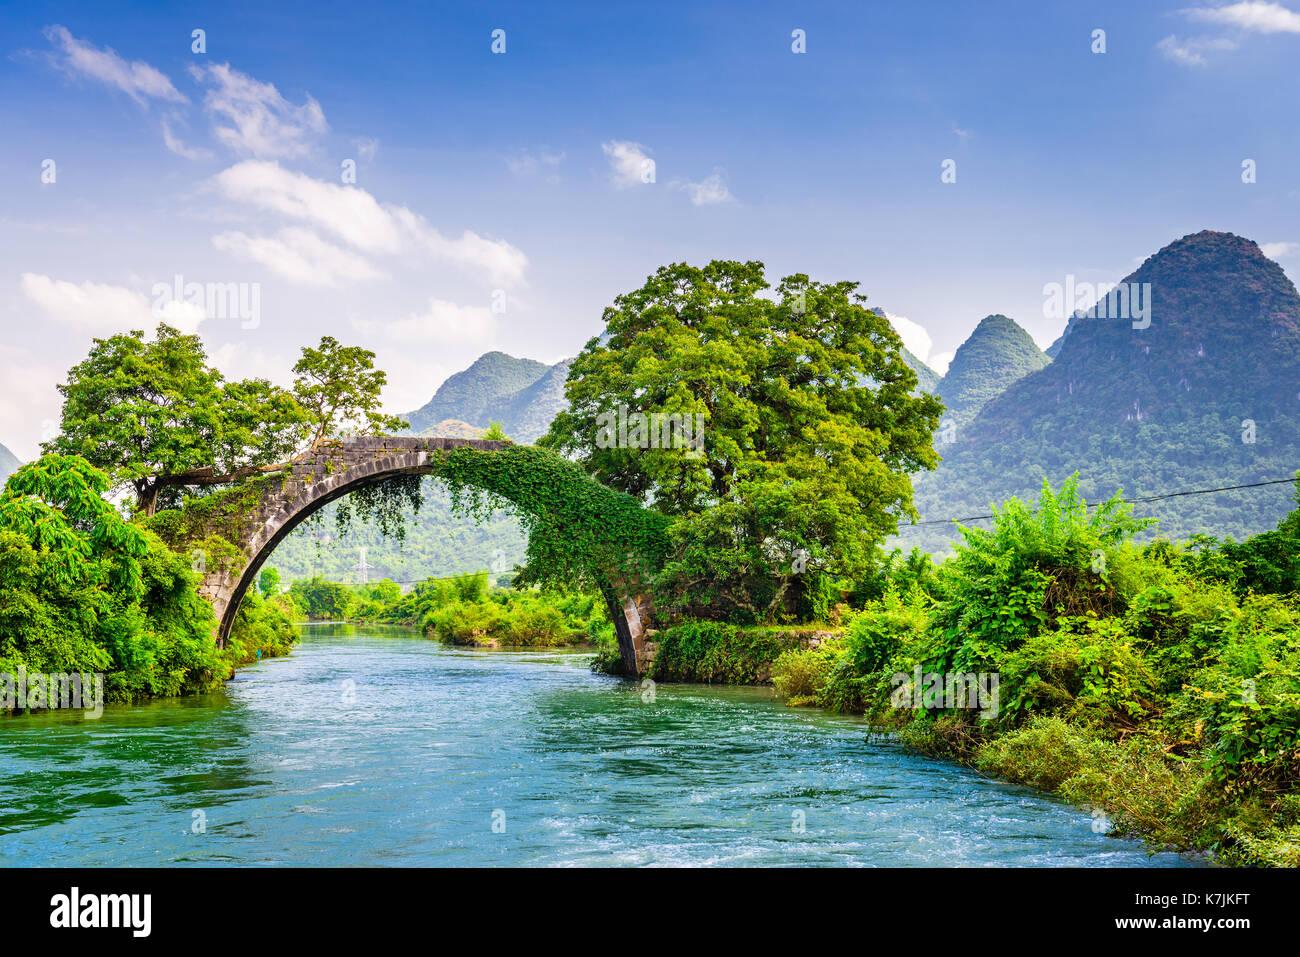 Yangshuo, Cina presso il drago ponte che attraversa il Fiume Li. Immagini Stock